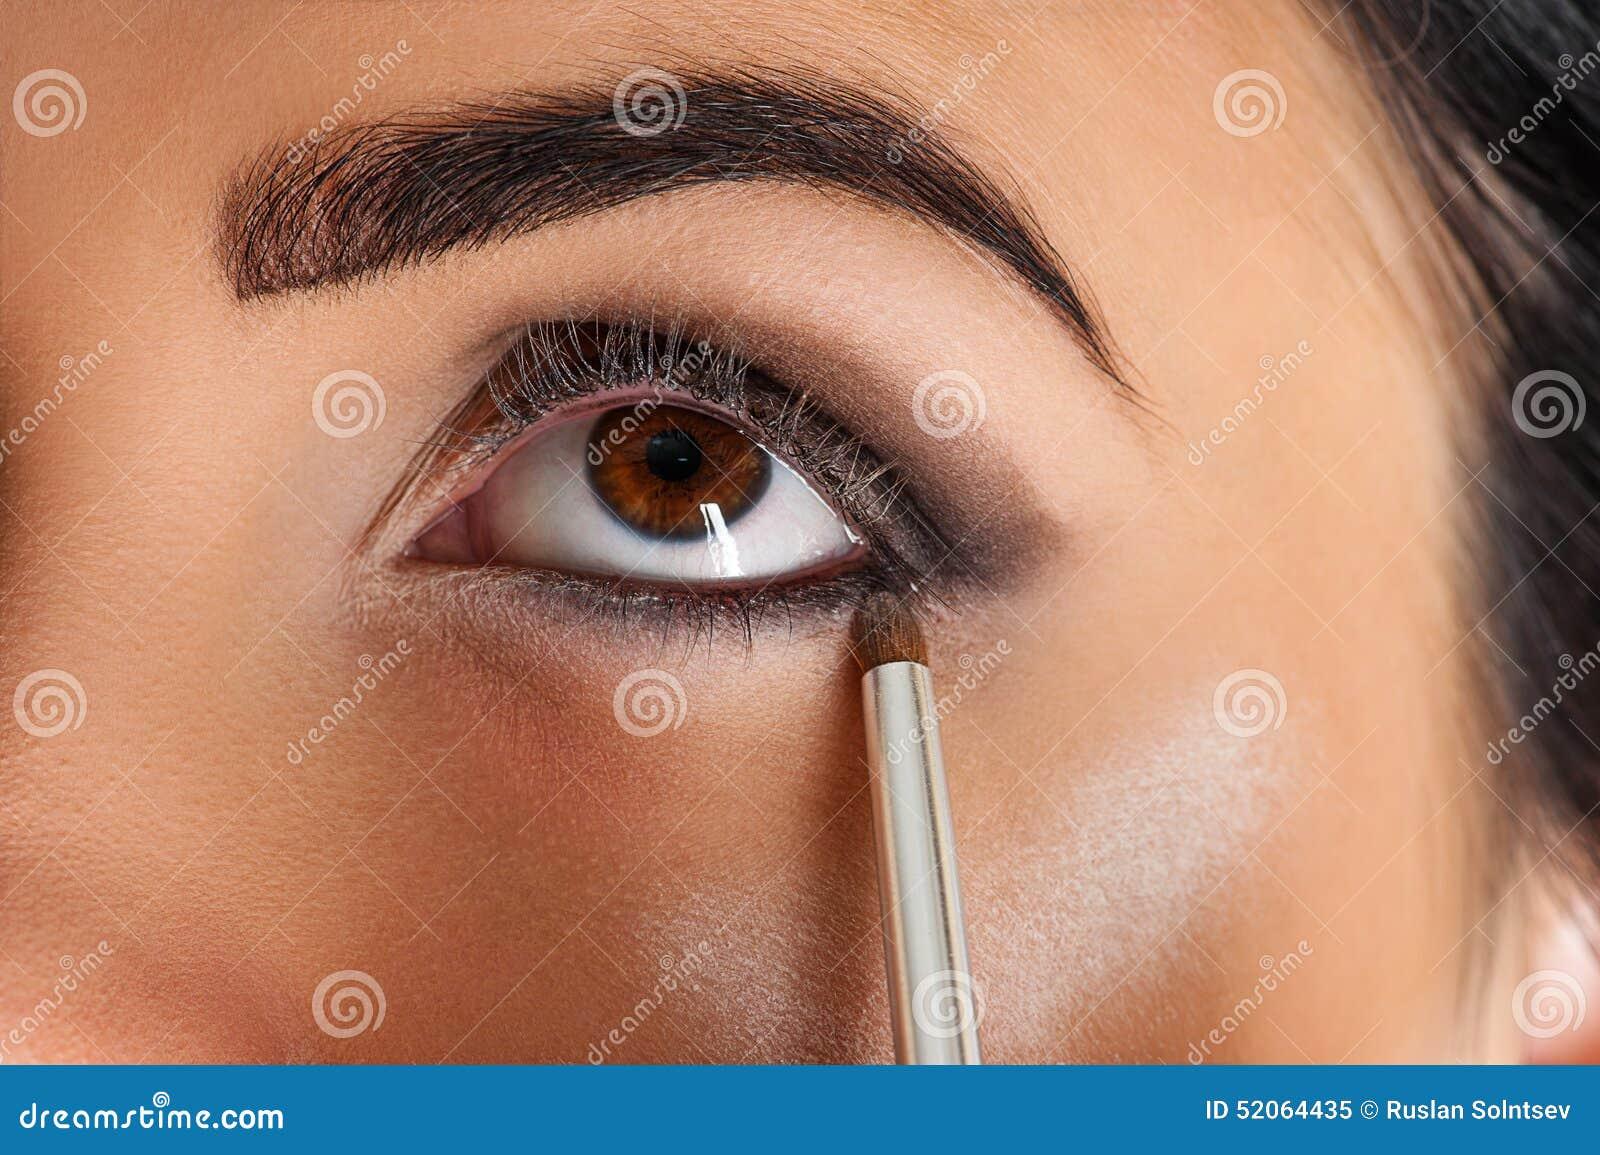 Карандаш для глаз визажиста